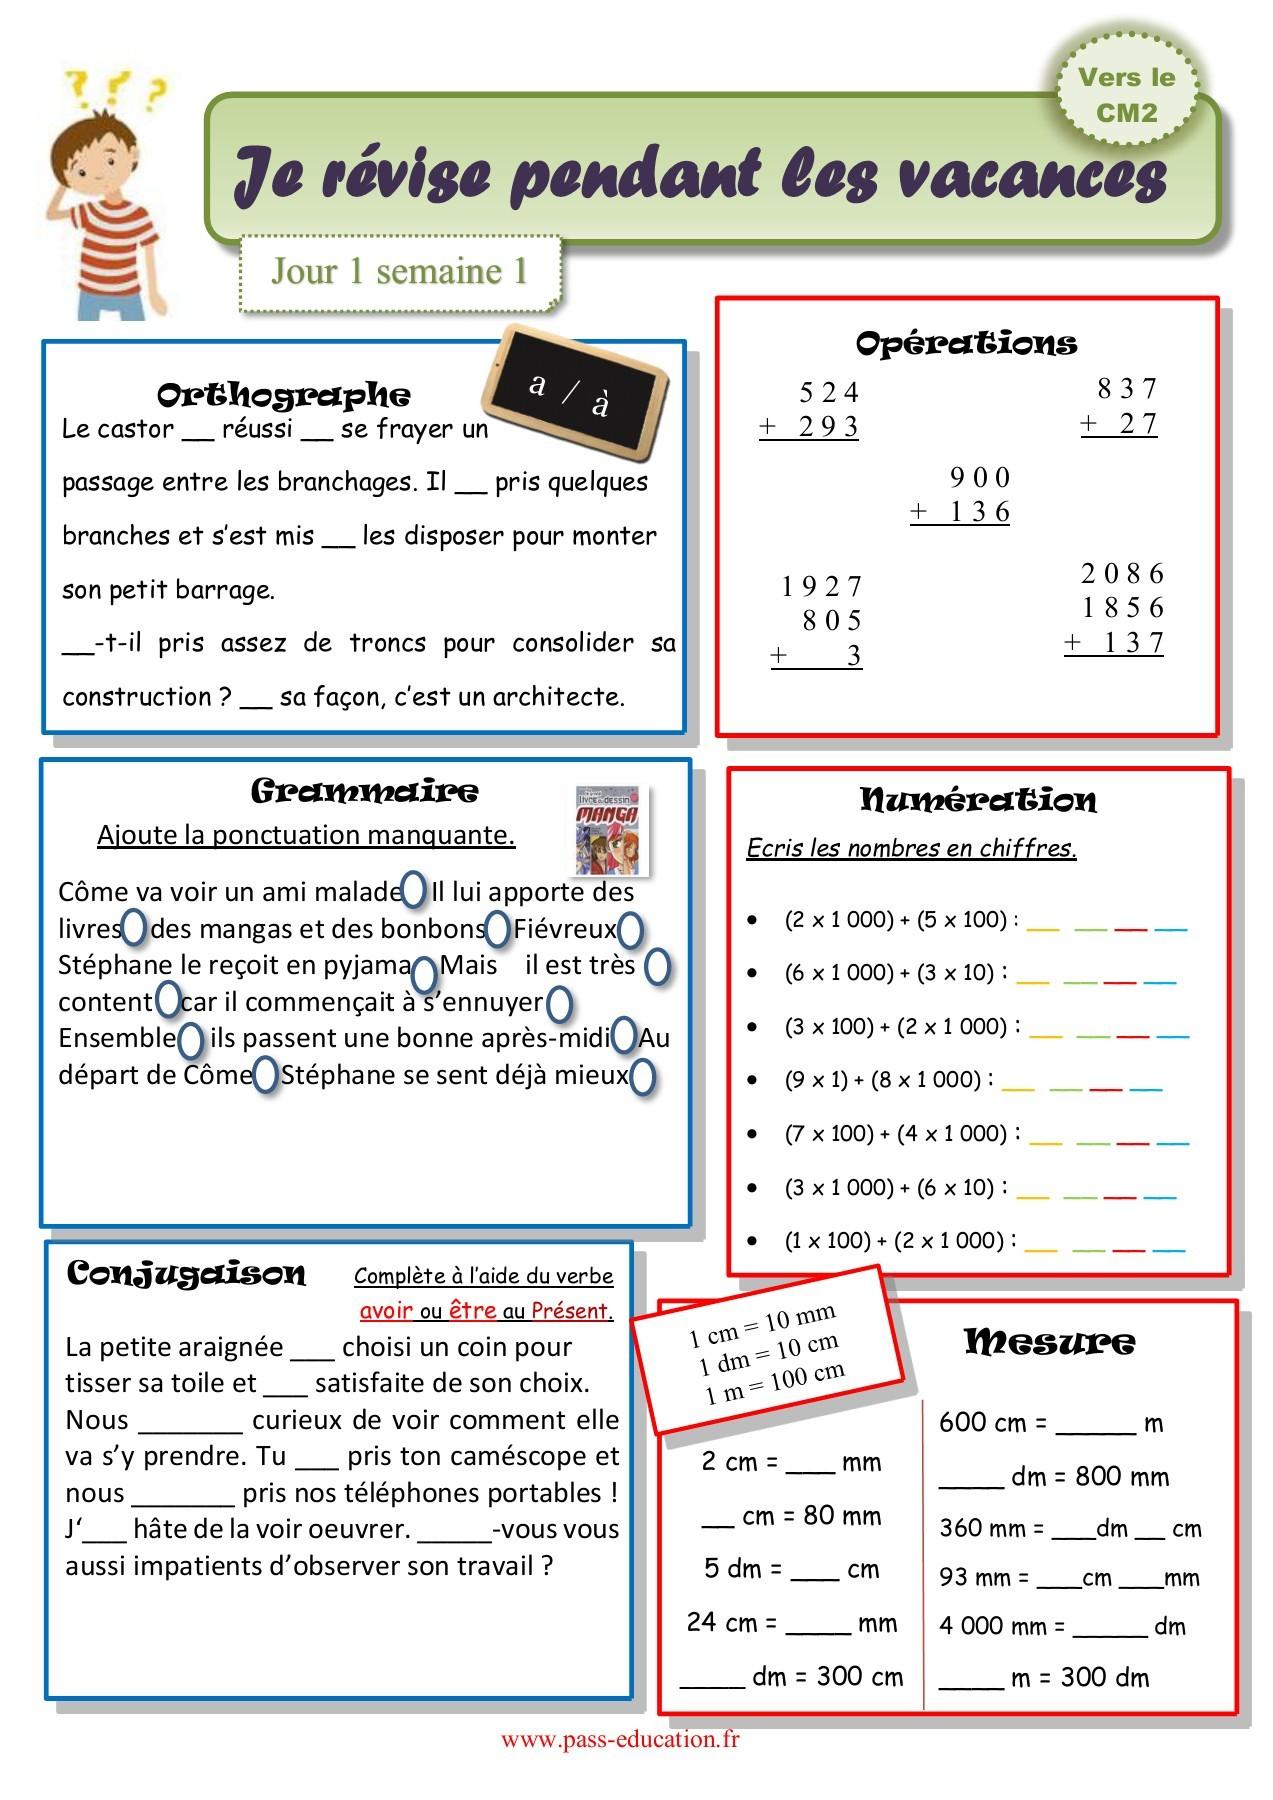 Cahier De Vacances Gratuit À Imprimer - Cm1 Vers Le Cm2 pour Exercice Cm2 Gratuit